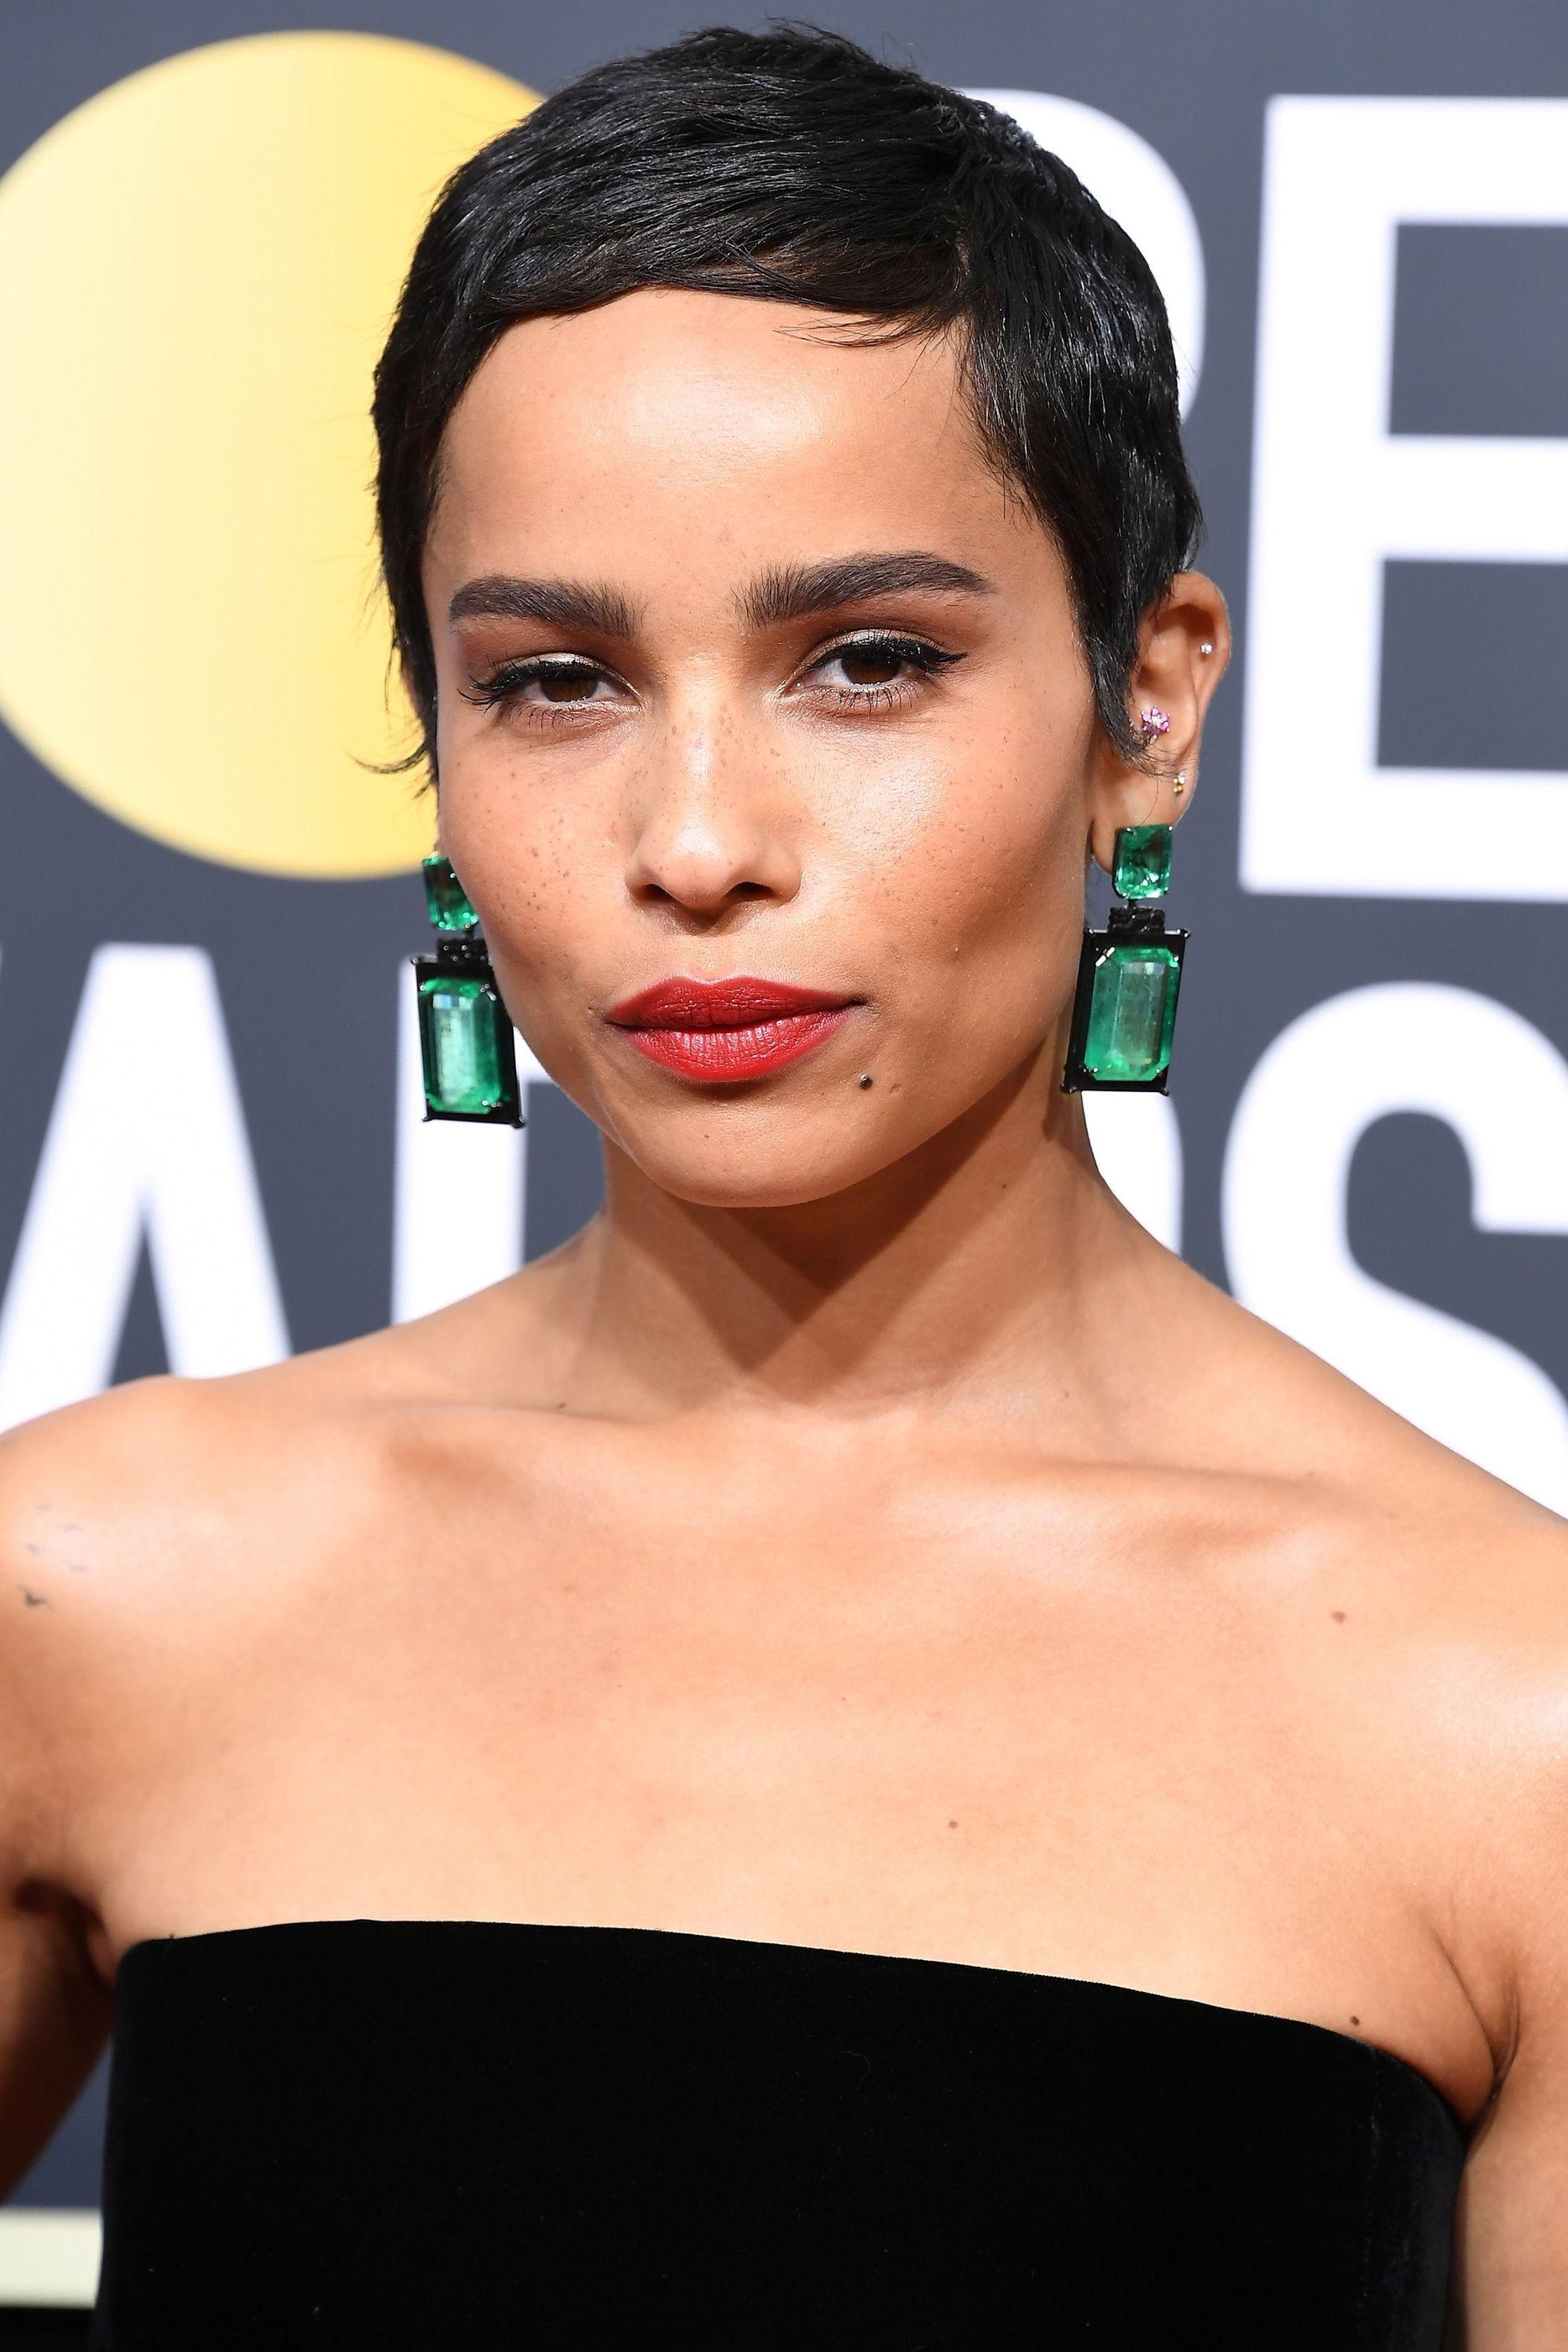 Zoe Kravitz  wearing Emerald Earrings